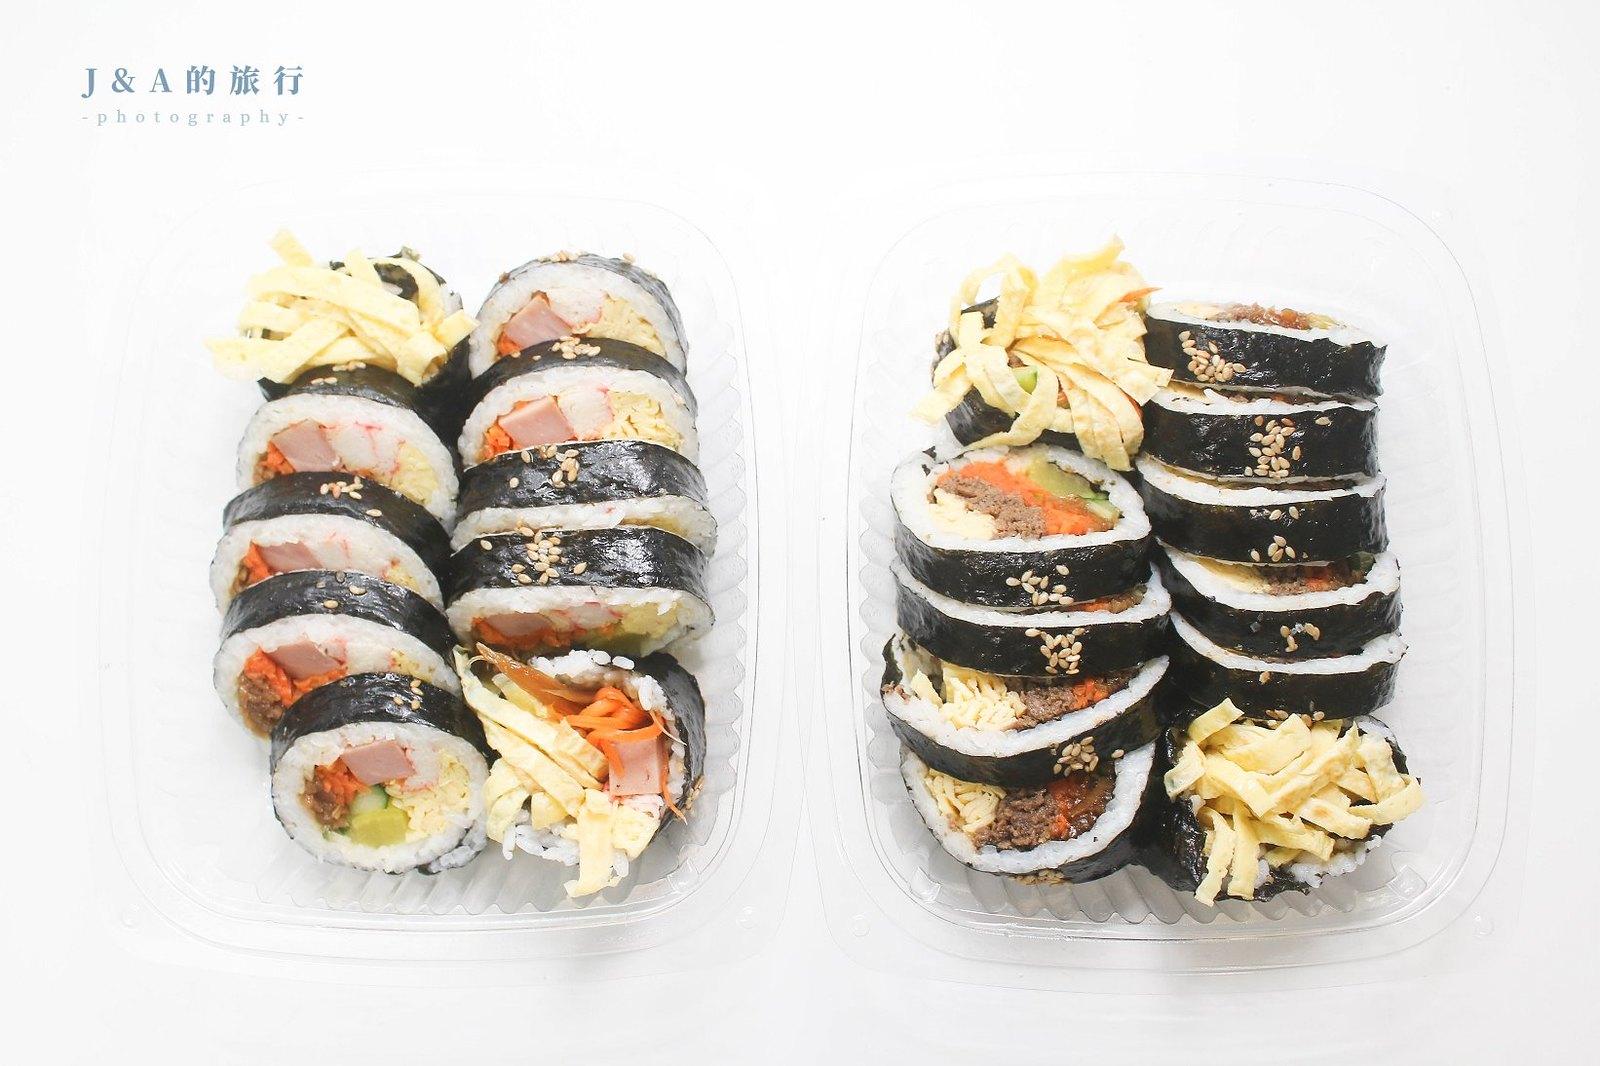 最新推播訊息:韓式海苔飯捲份量實在,外帶回家也不走味